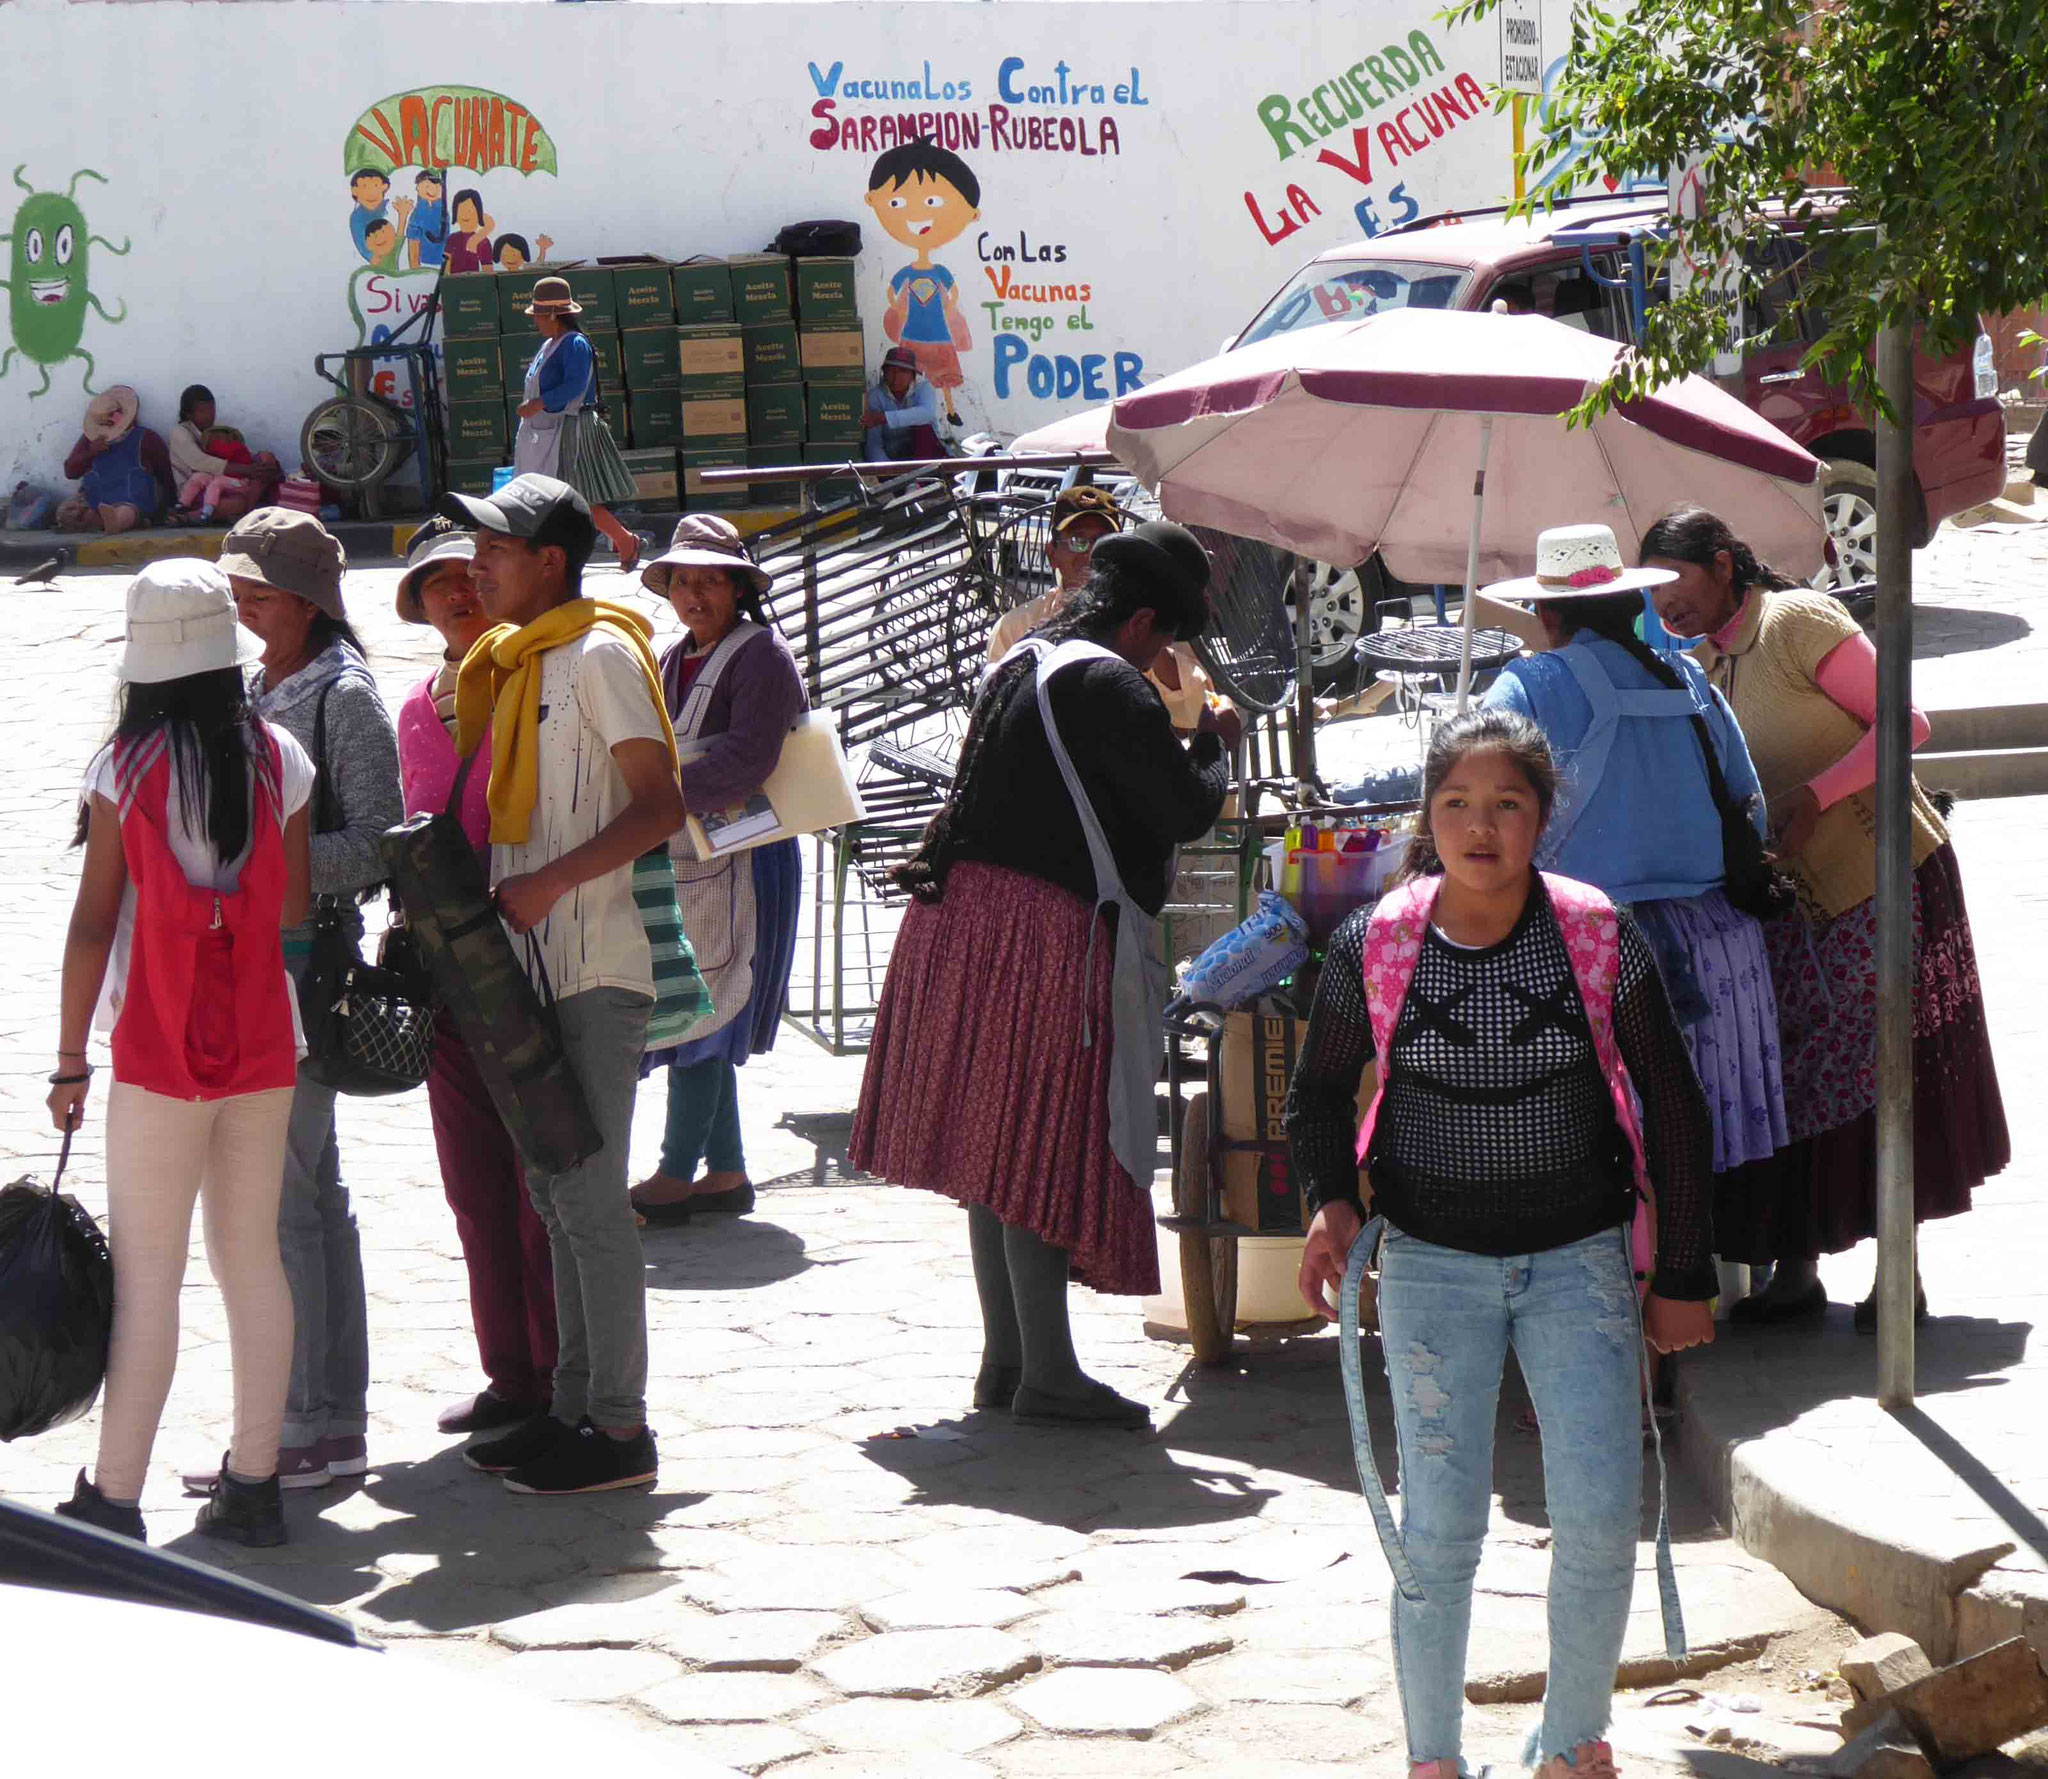 ... juste avant La Quiaca, la frontière bolivienne